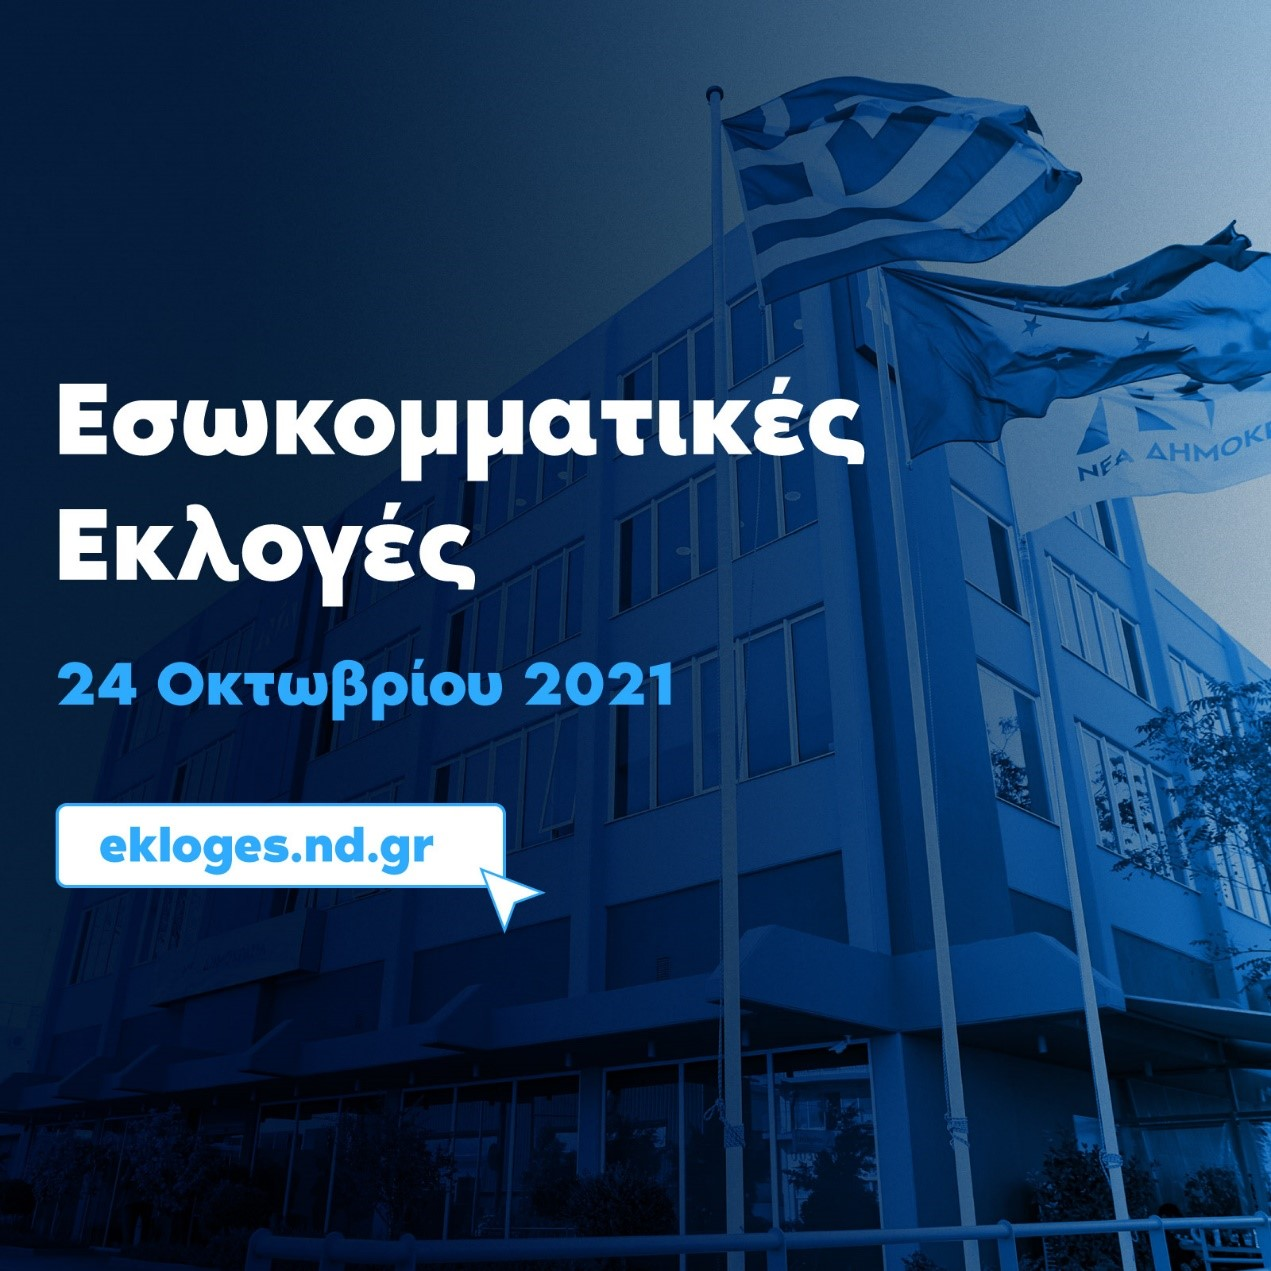 ΣΤΥΛΙΑΝΟΣ ΚΟΝΤΑΔΑΚΗΣ : Εσωκομματικές Εκλογές ΝΔ 24 Οκτωβρίου 2021